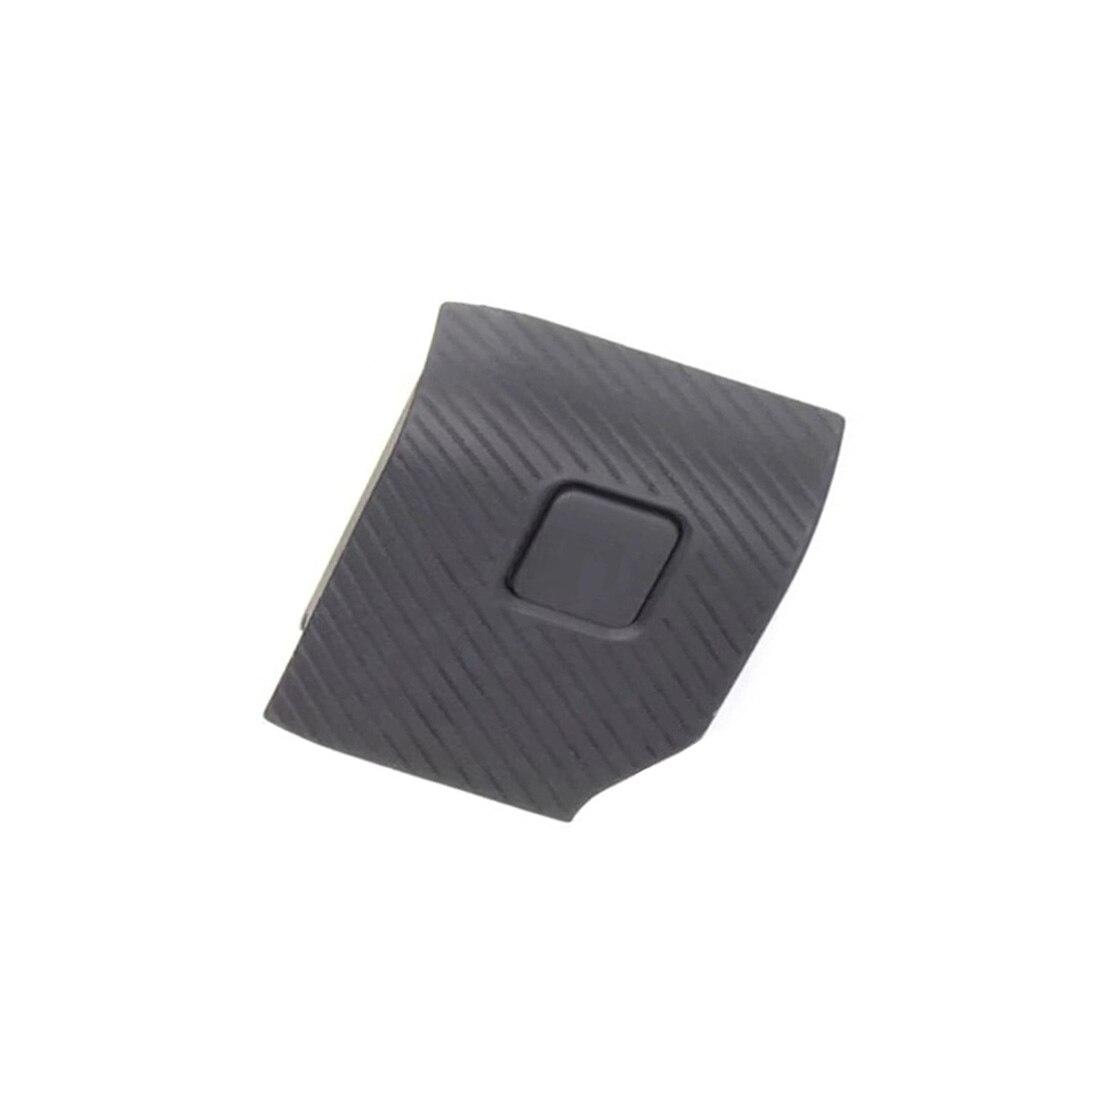 Papel gamuza lámina mate negro 100 x 45cm autoadhesivas ideal para teleskoptubus